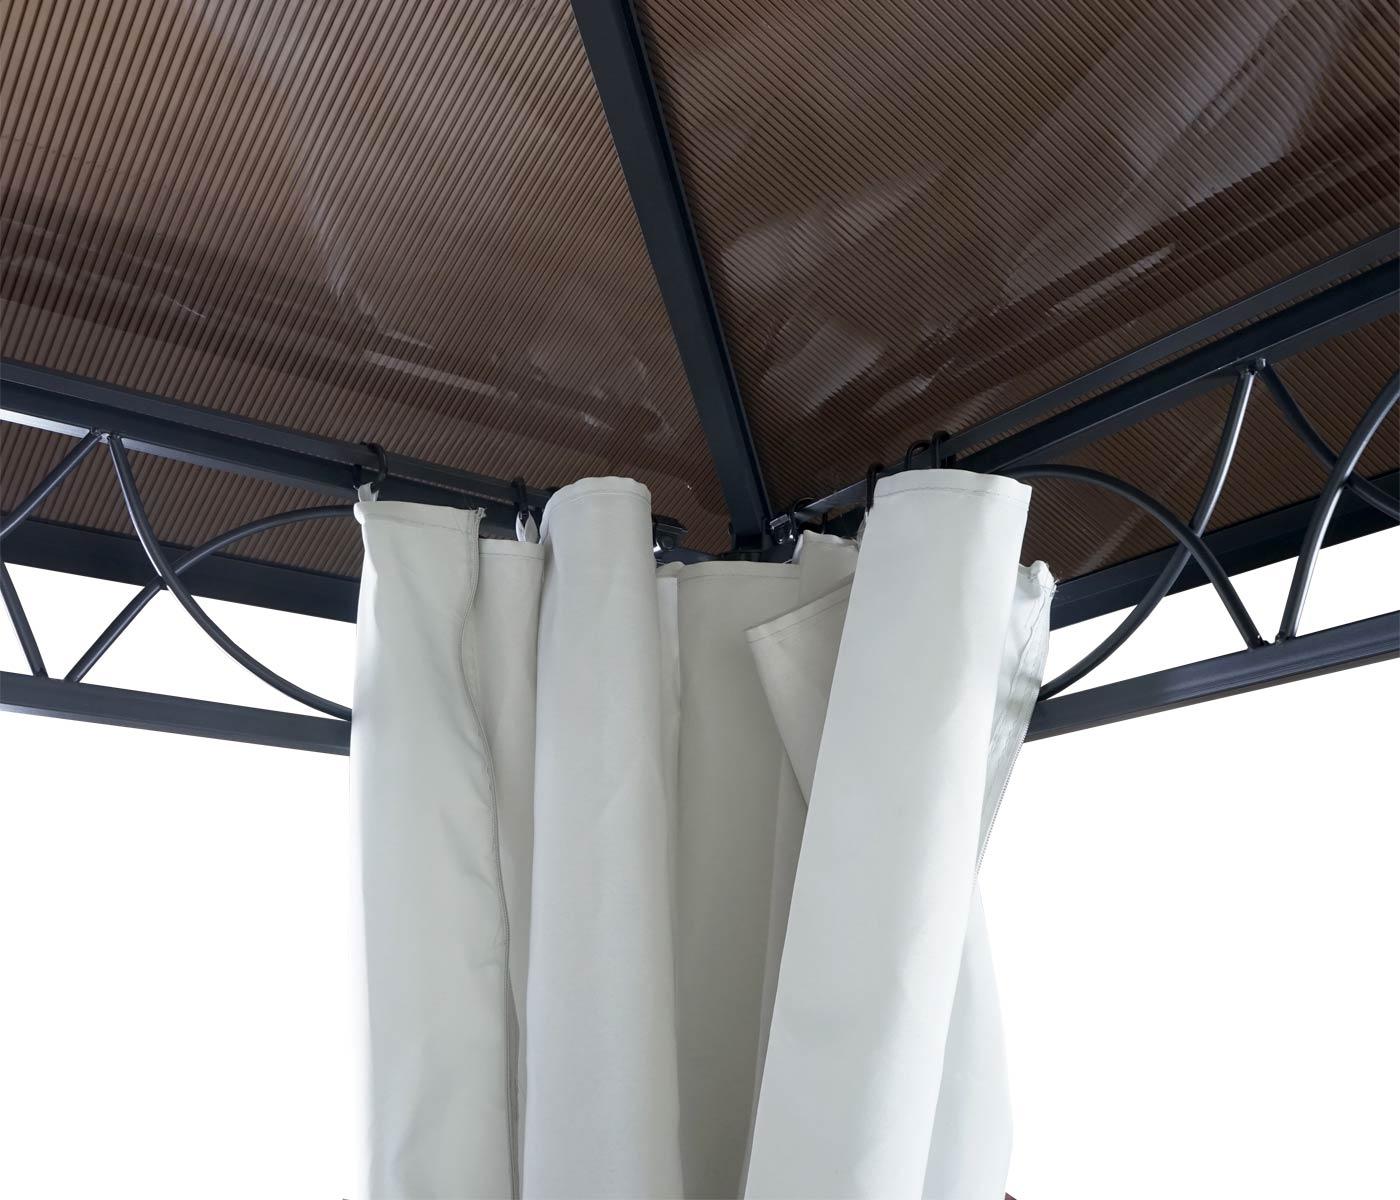 Liebenswert Pergola Dach Beste Wahl Garten Pavillon, Kunststoff-dach Seitenwand Alu Hellgrau 3x3m